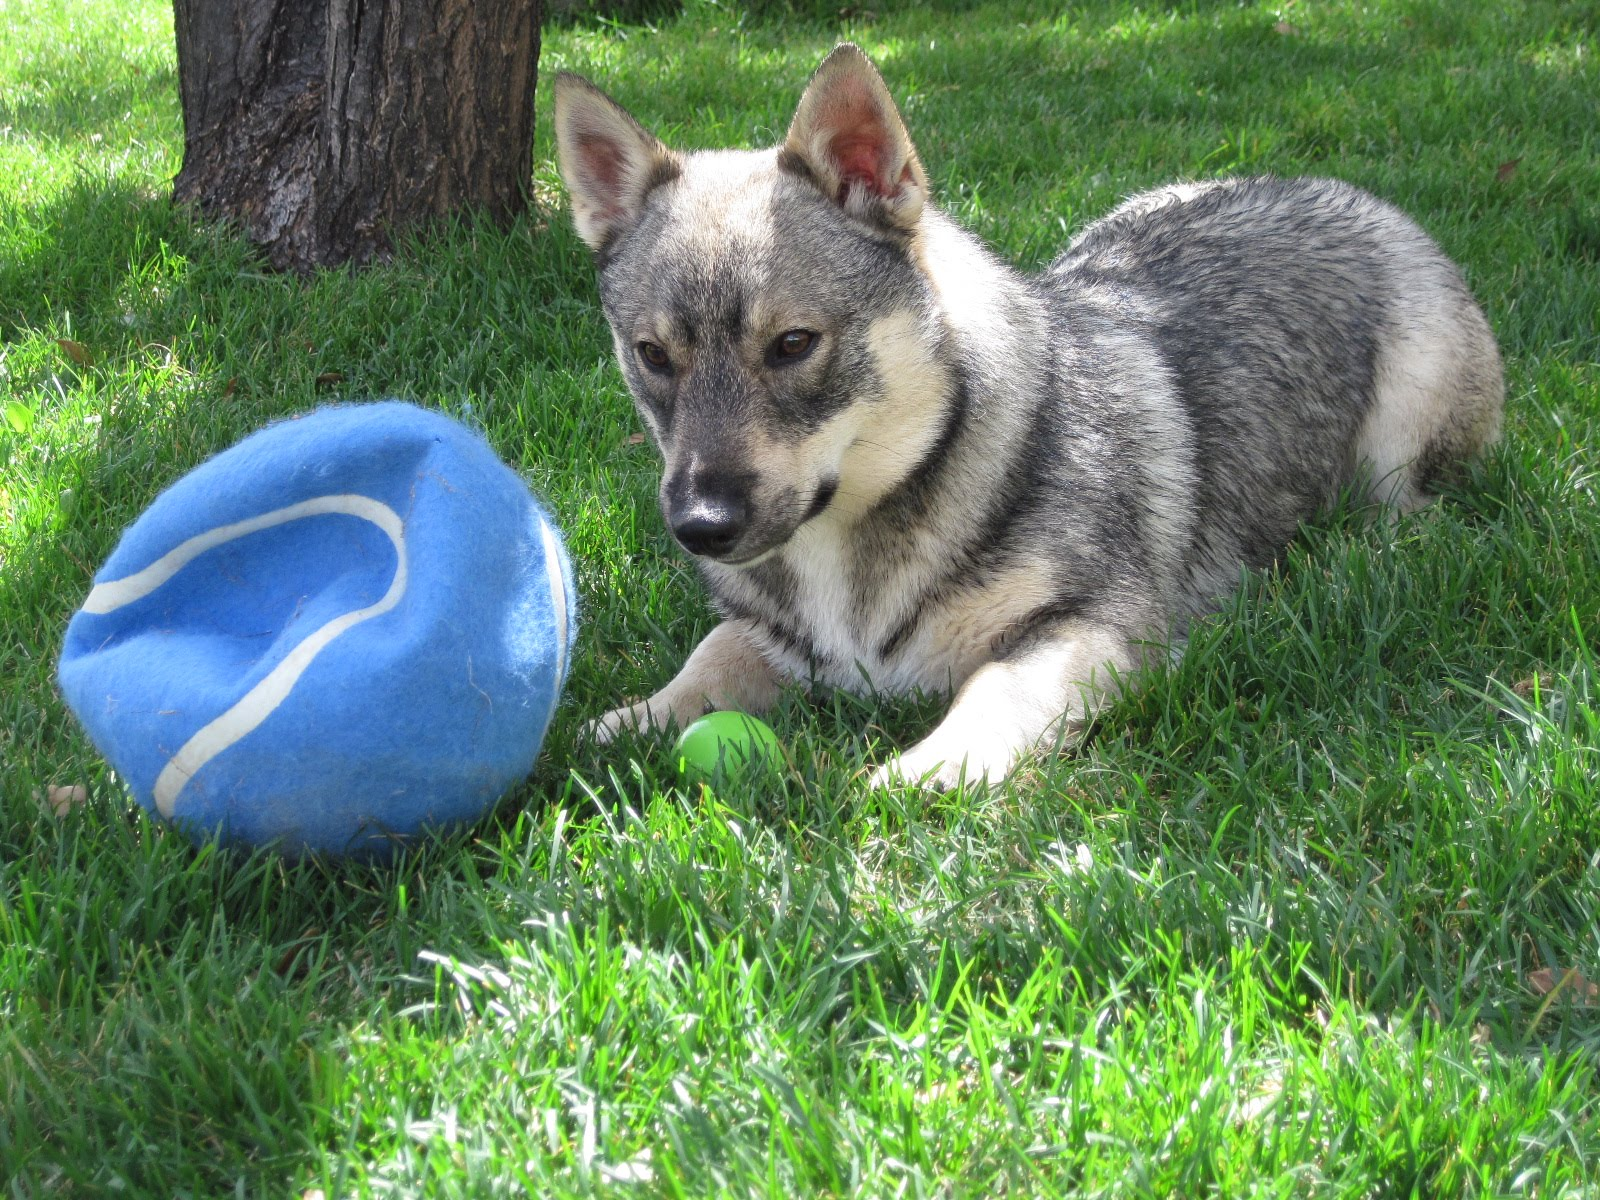 Swedish Vallhund Dog: Swedish Httpwwwpuppypoopycomvallhundjpg Breed